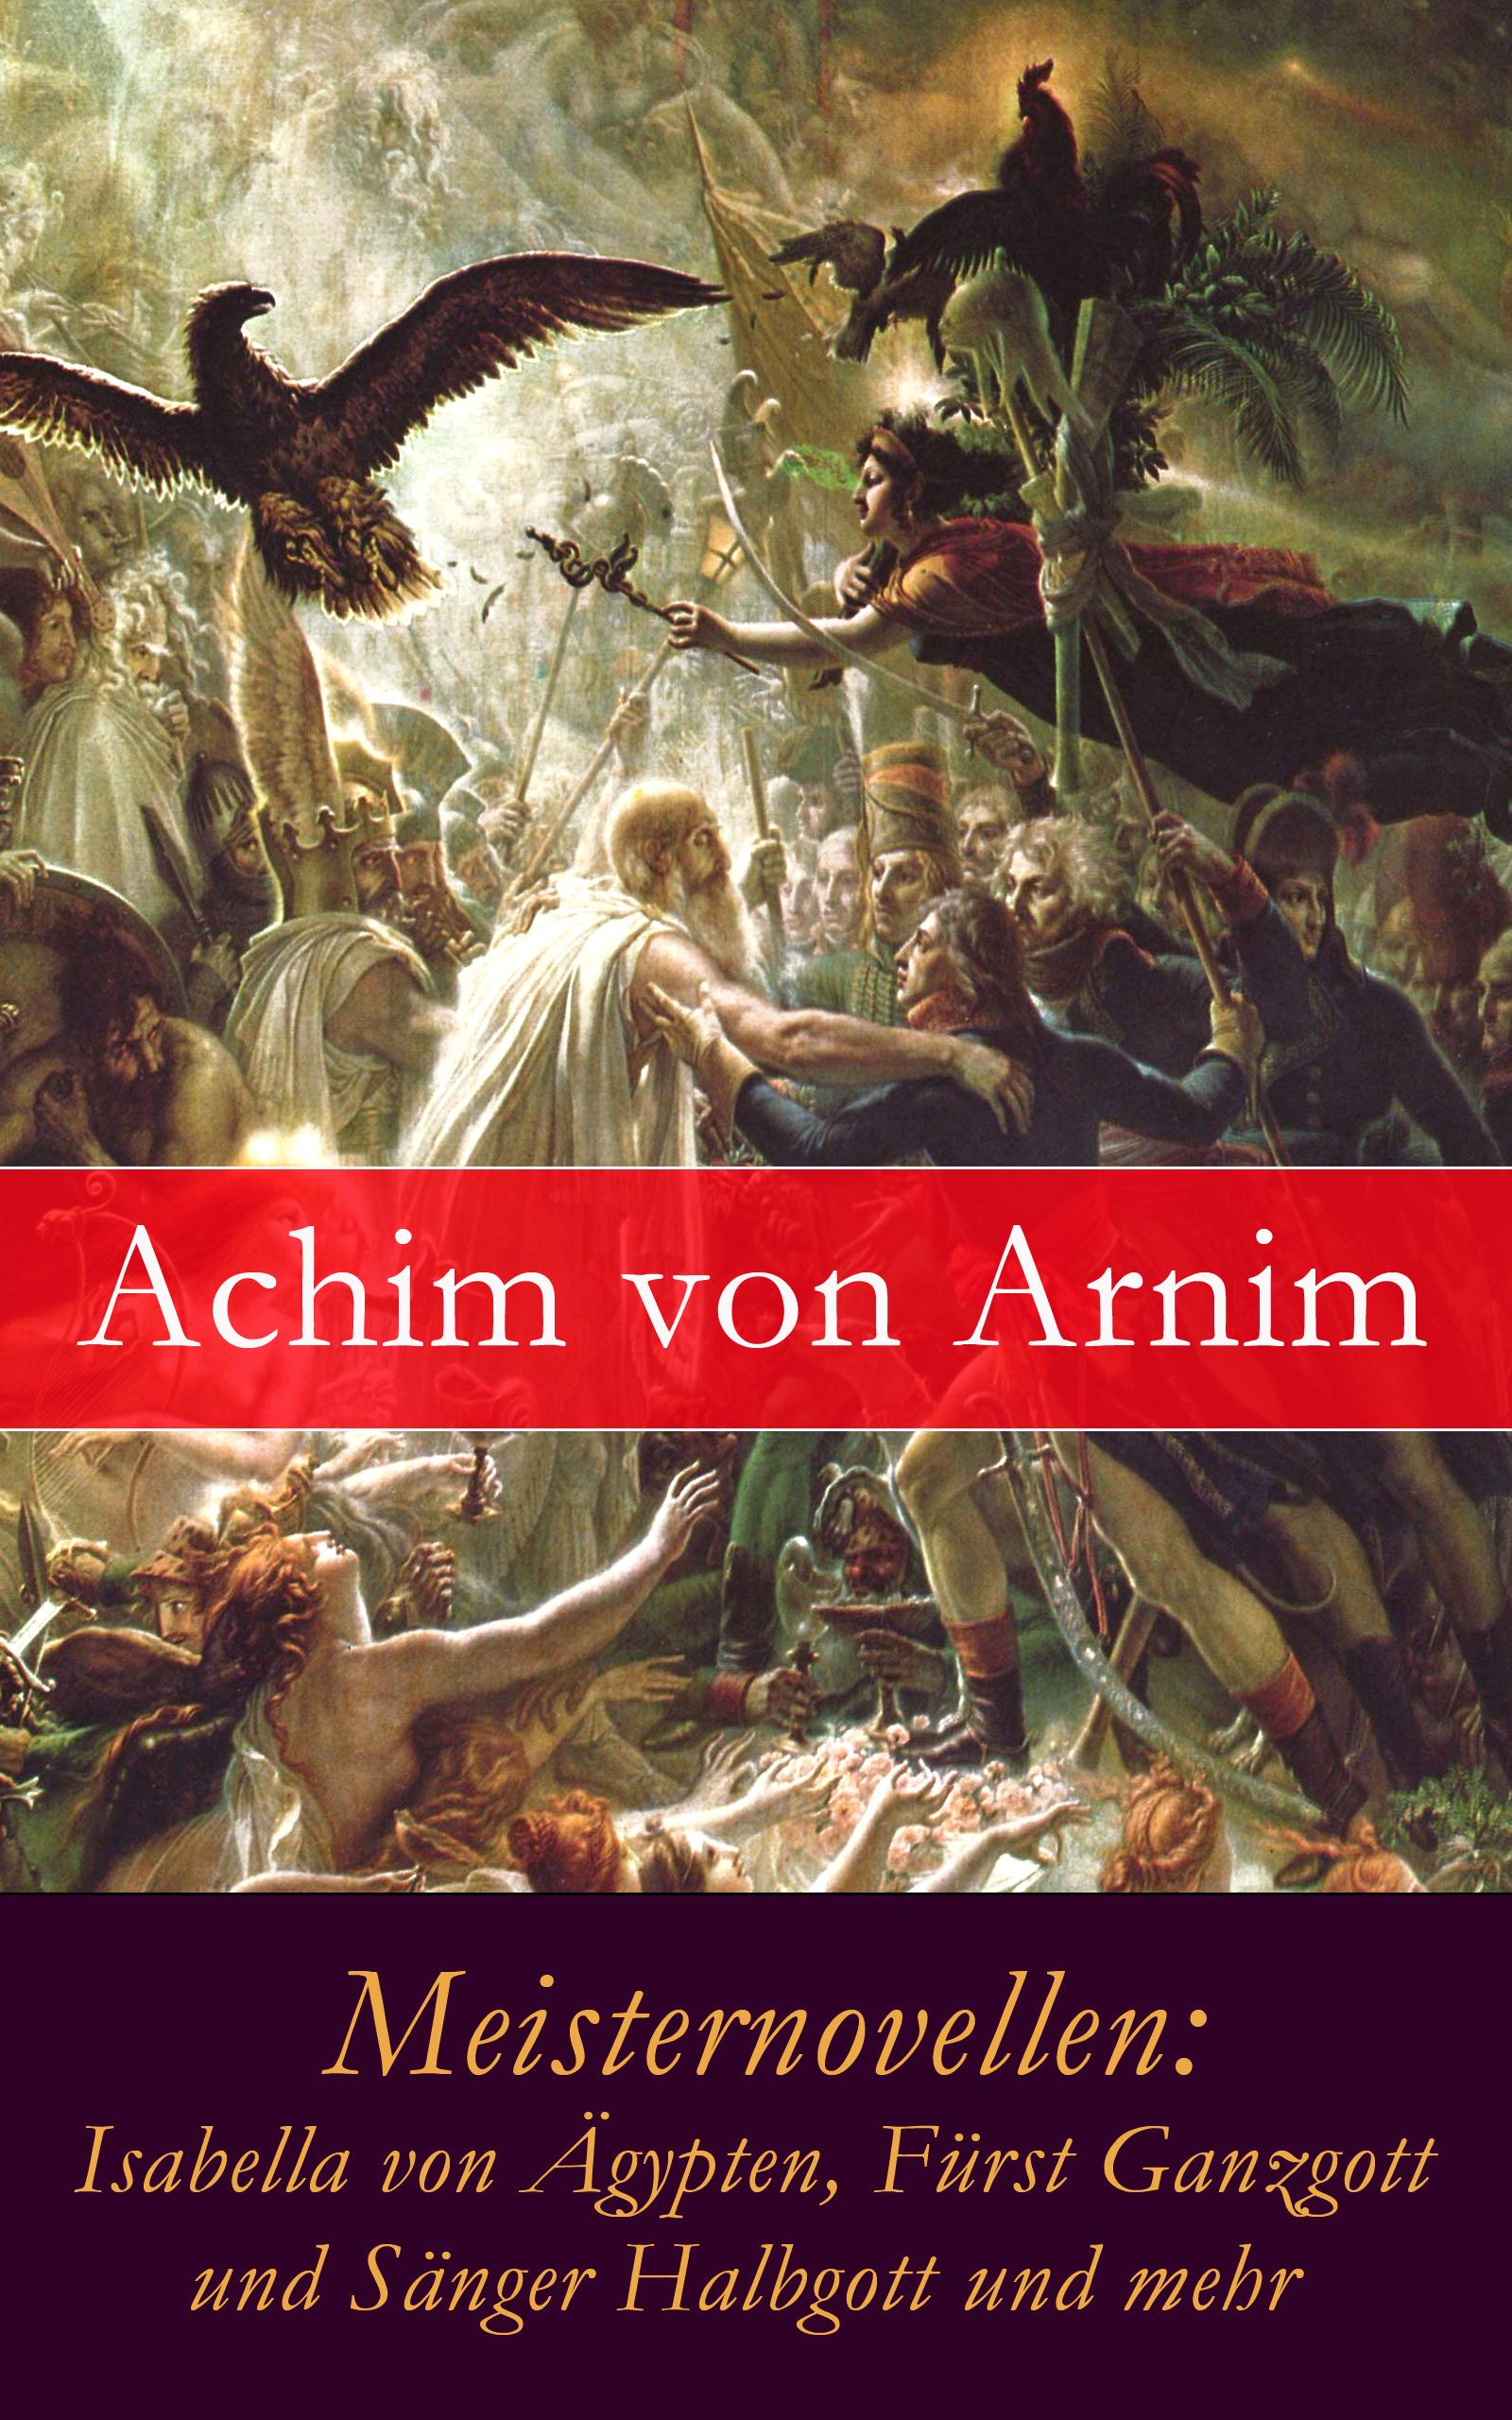 цены Achim von Arnim Meisternovellen: Isabella von Ägypten, Fürst Ganzgott und Sänger Halbgott und mehr